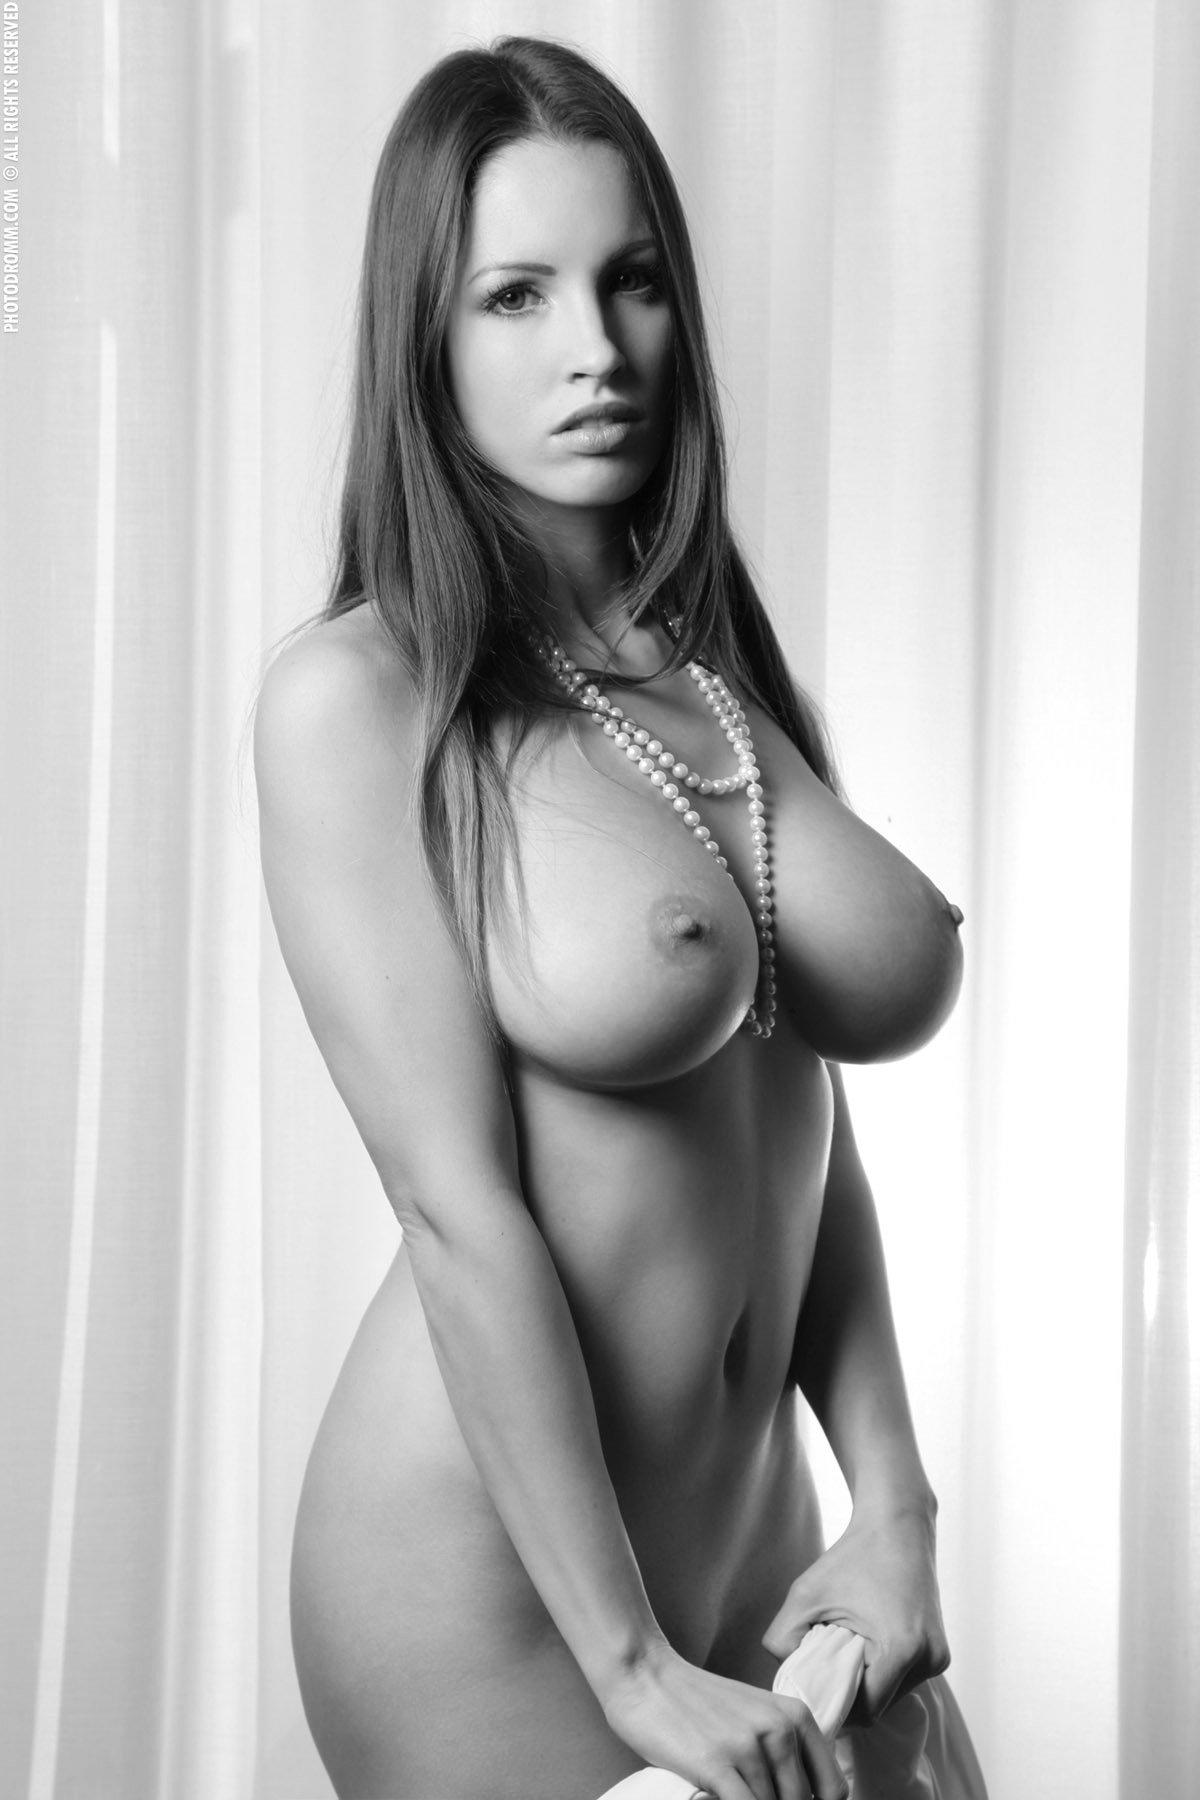 Извращения фистинг девушки голые с формами фото